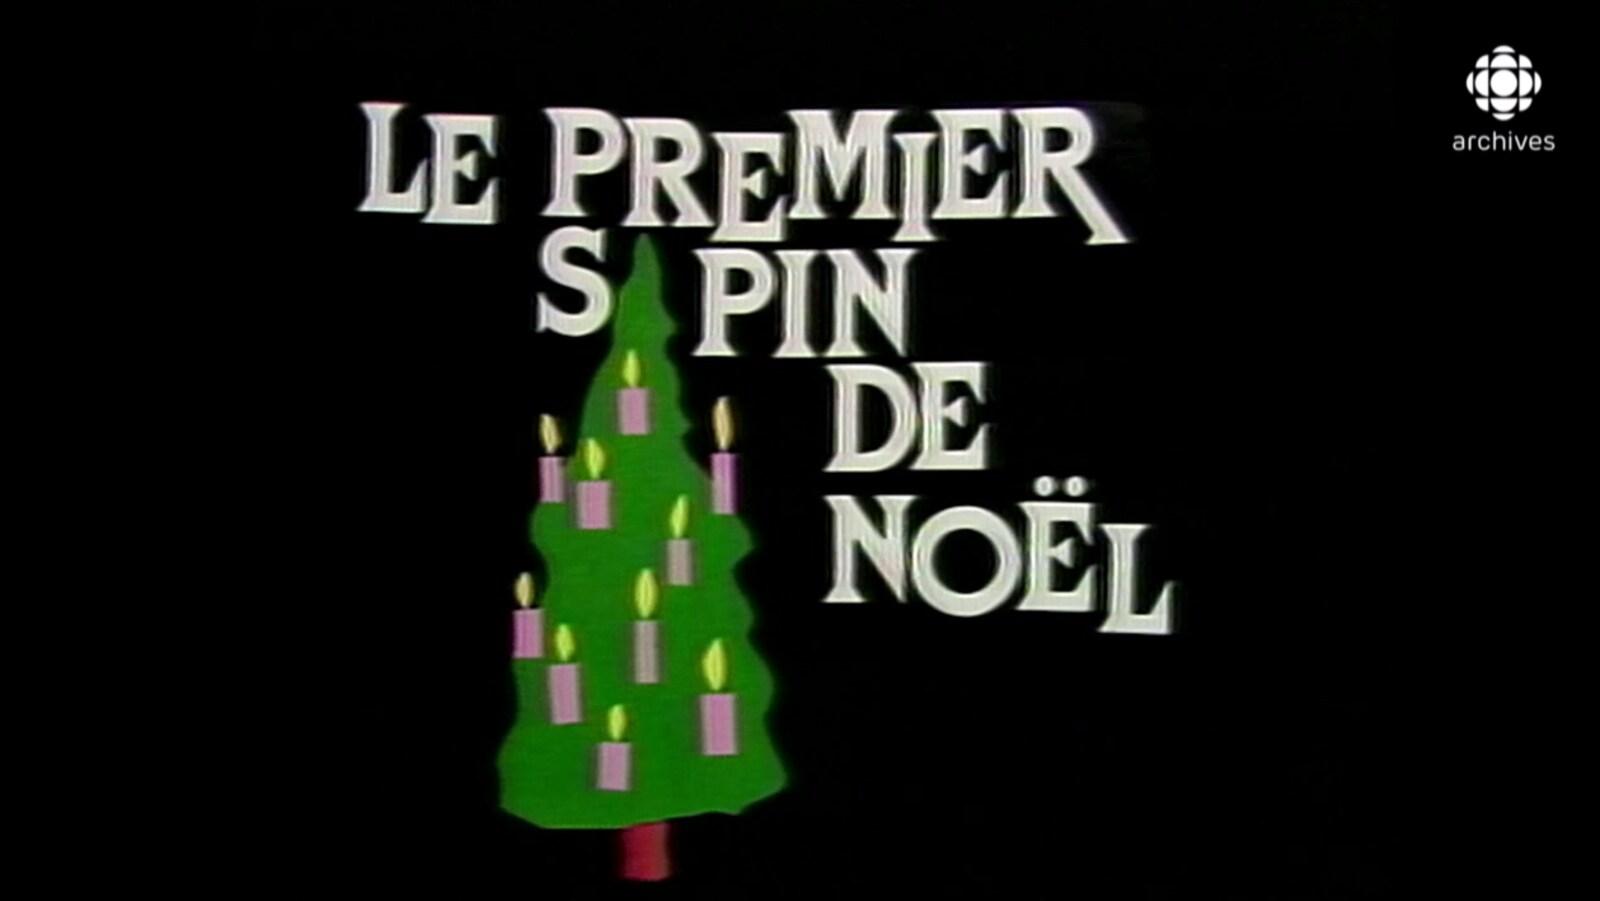 Dessin d'un sapin décoré de chandelles et inscription «Le premier sapin de de Noël».